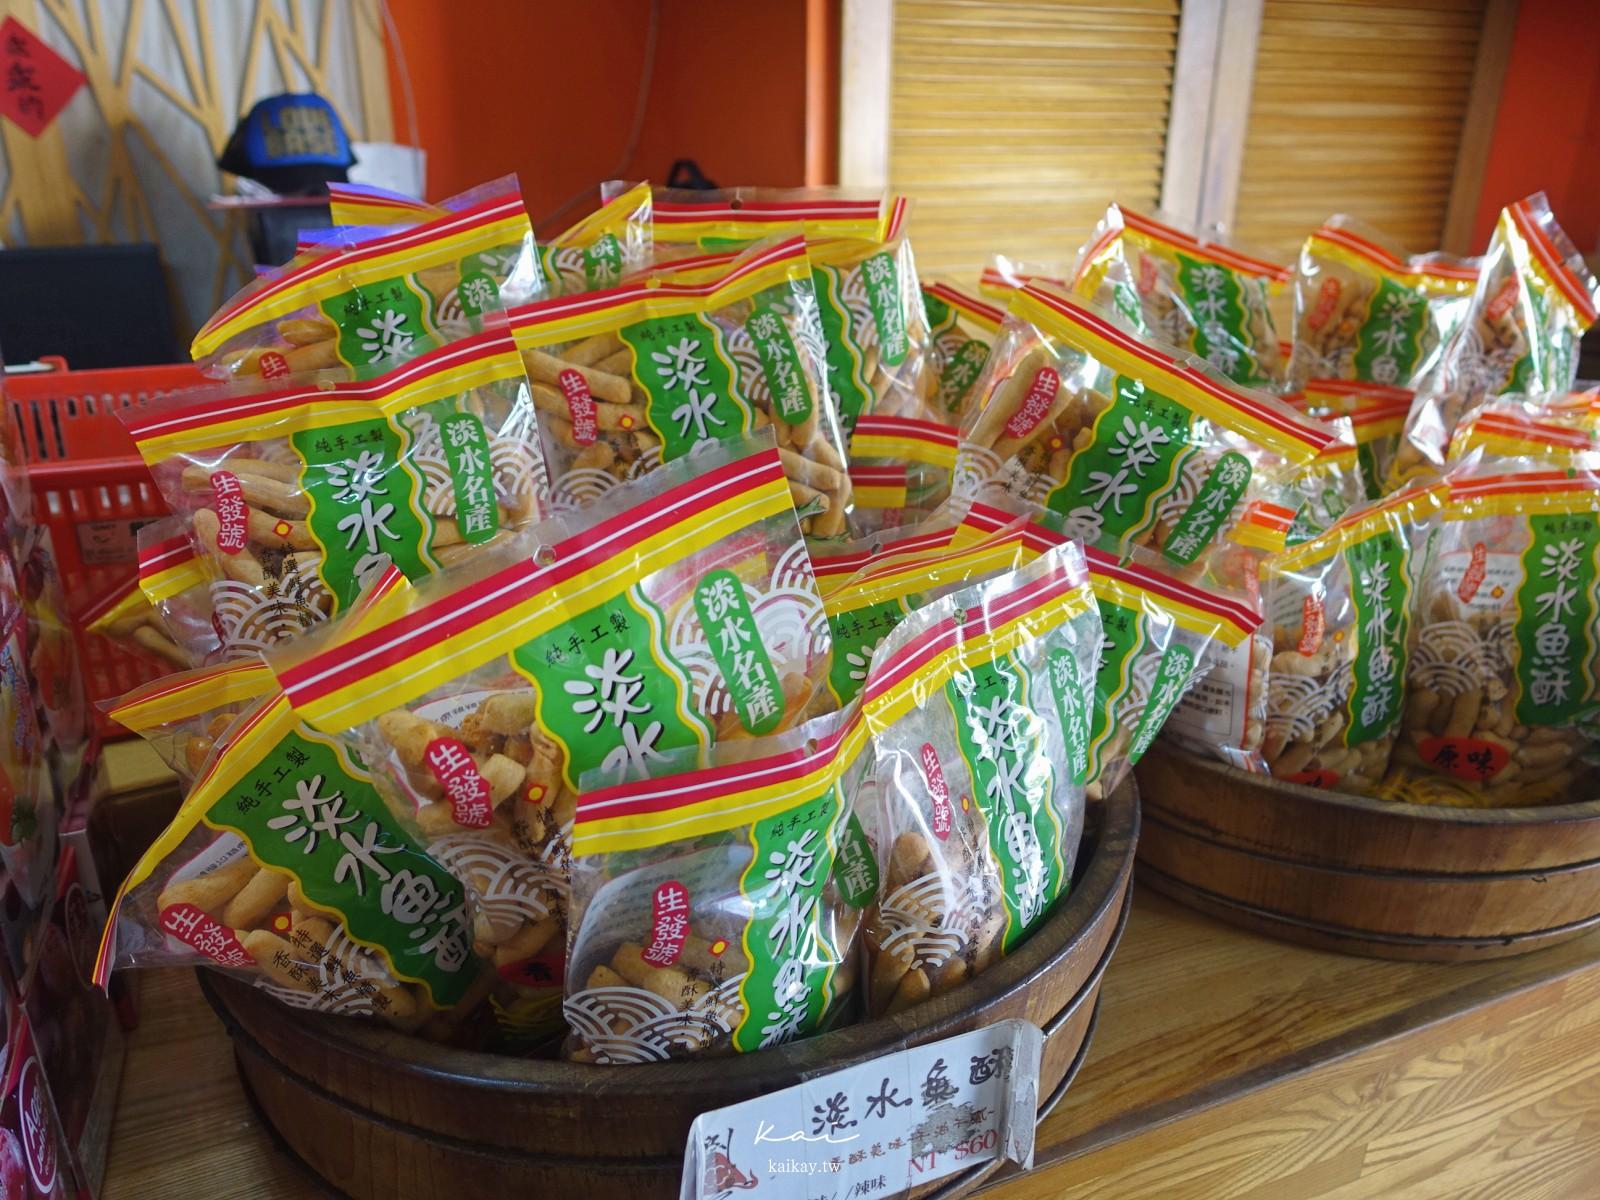 ☆【宅配美食】三十年歷史。講到基隆就會想到的十八王公劉家肉粽-線上宅配(菜單、價位、訂購)